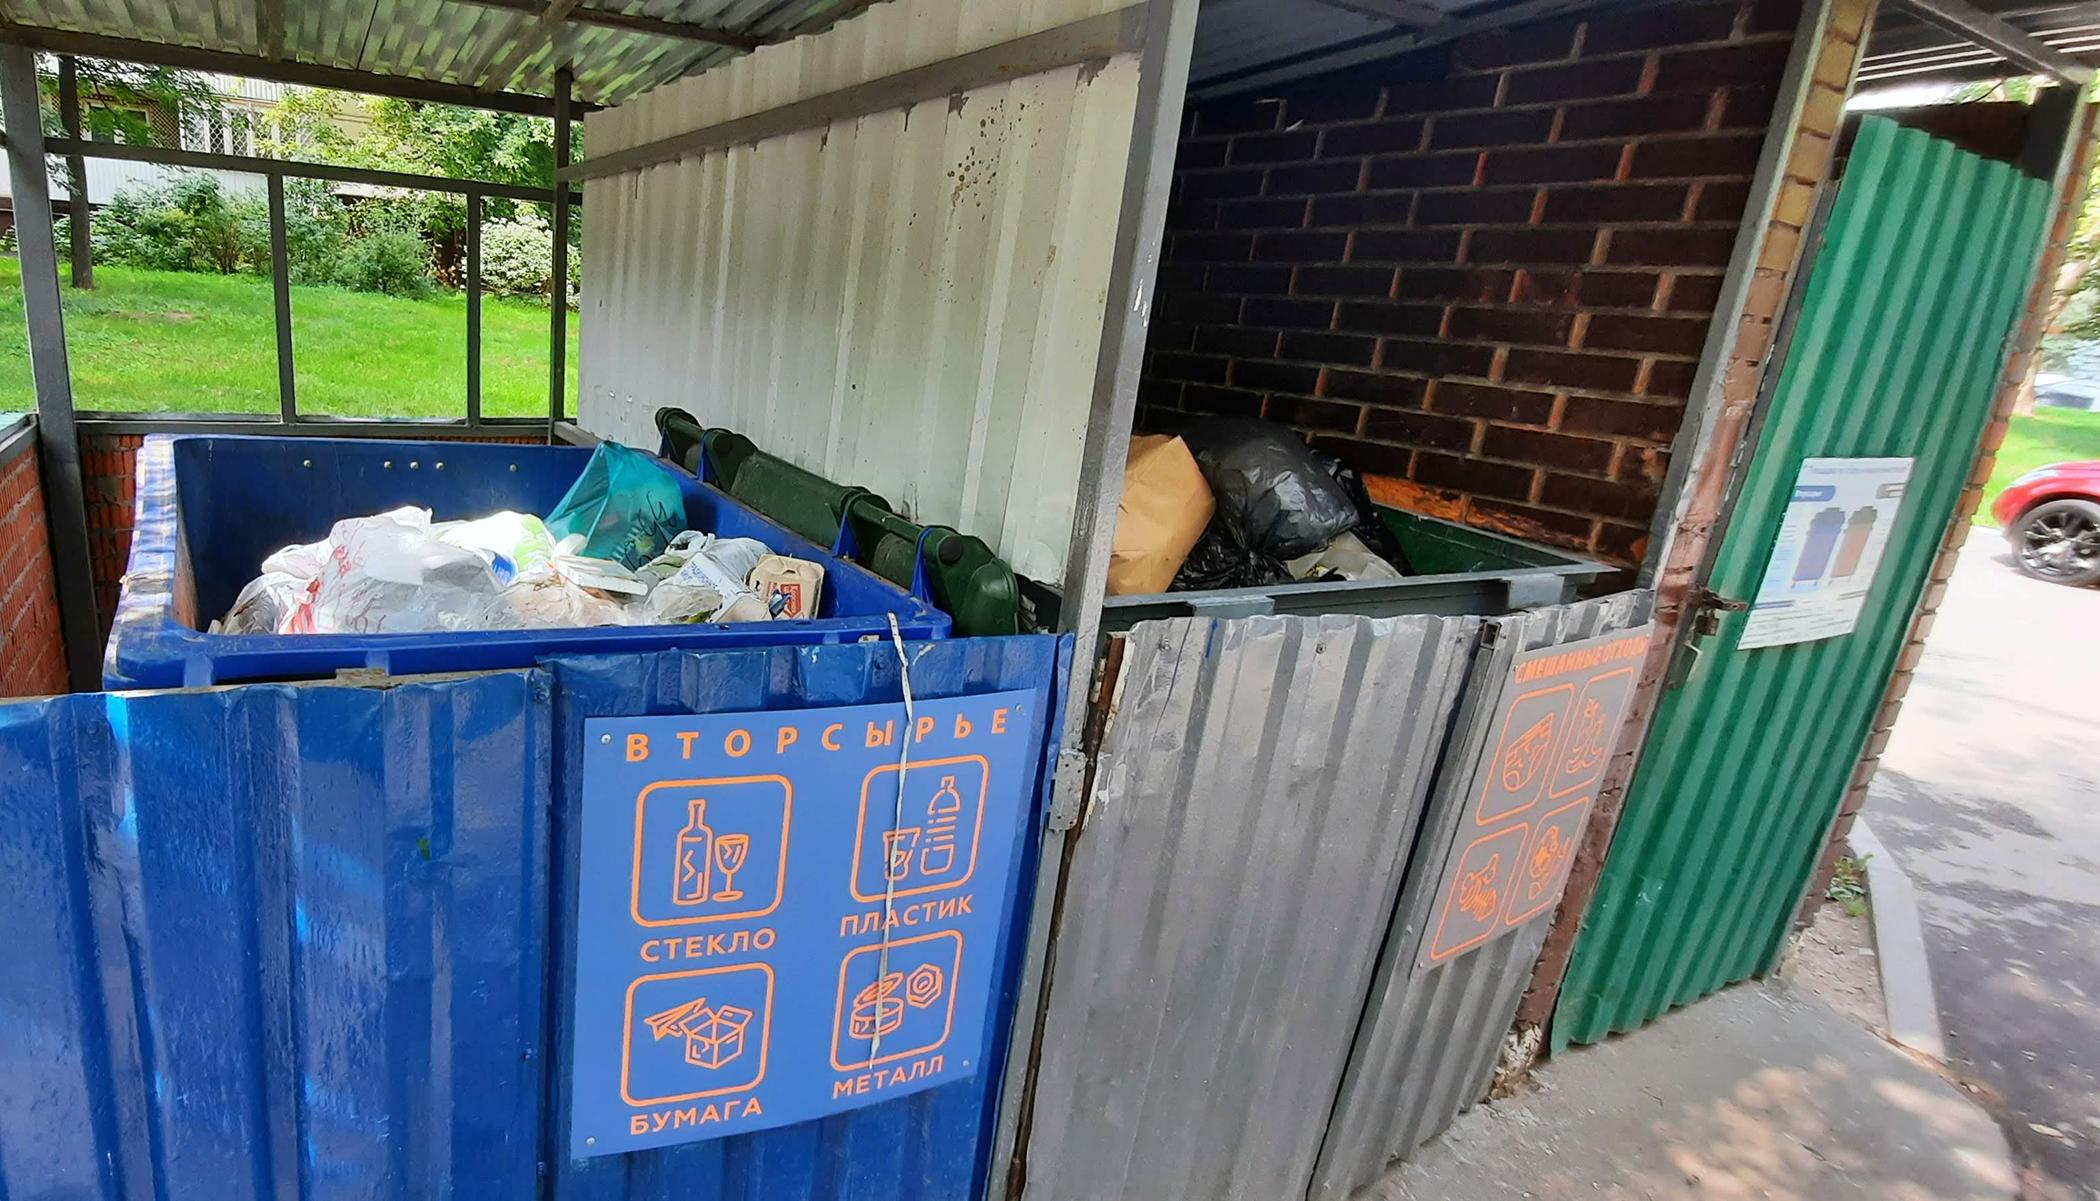 Contenedores de reciclaje en un barrio de Moscú